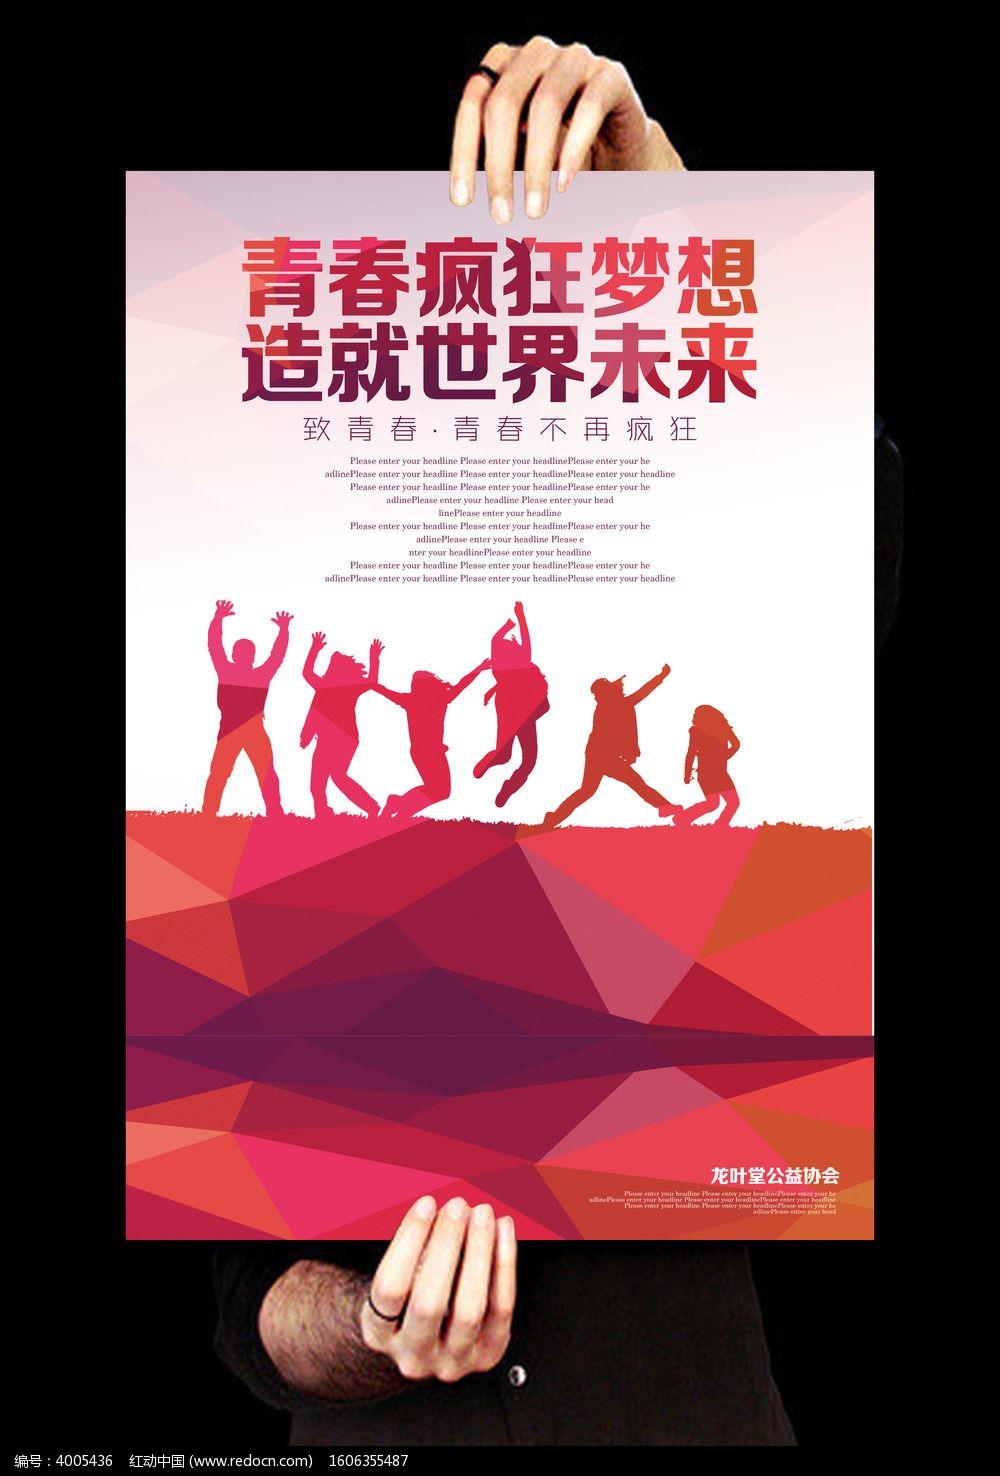 炫彩创意青春梦想海报设计_红动网图片